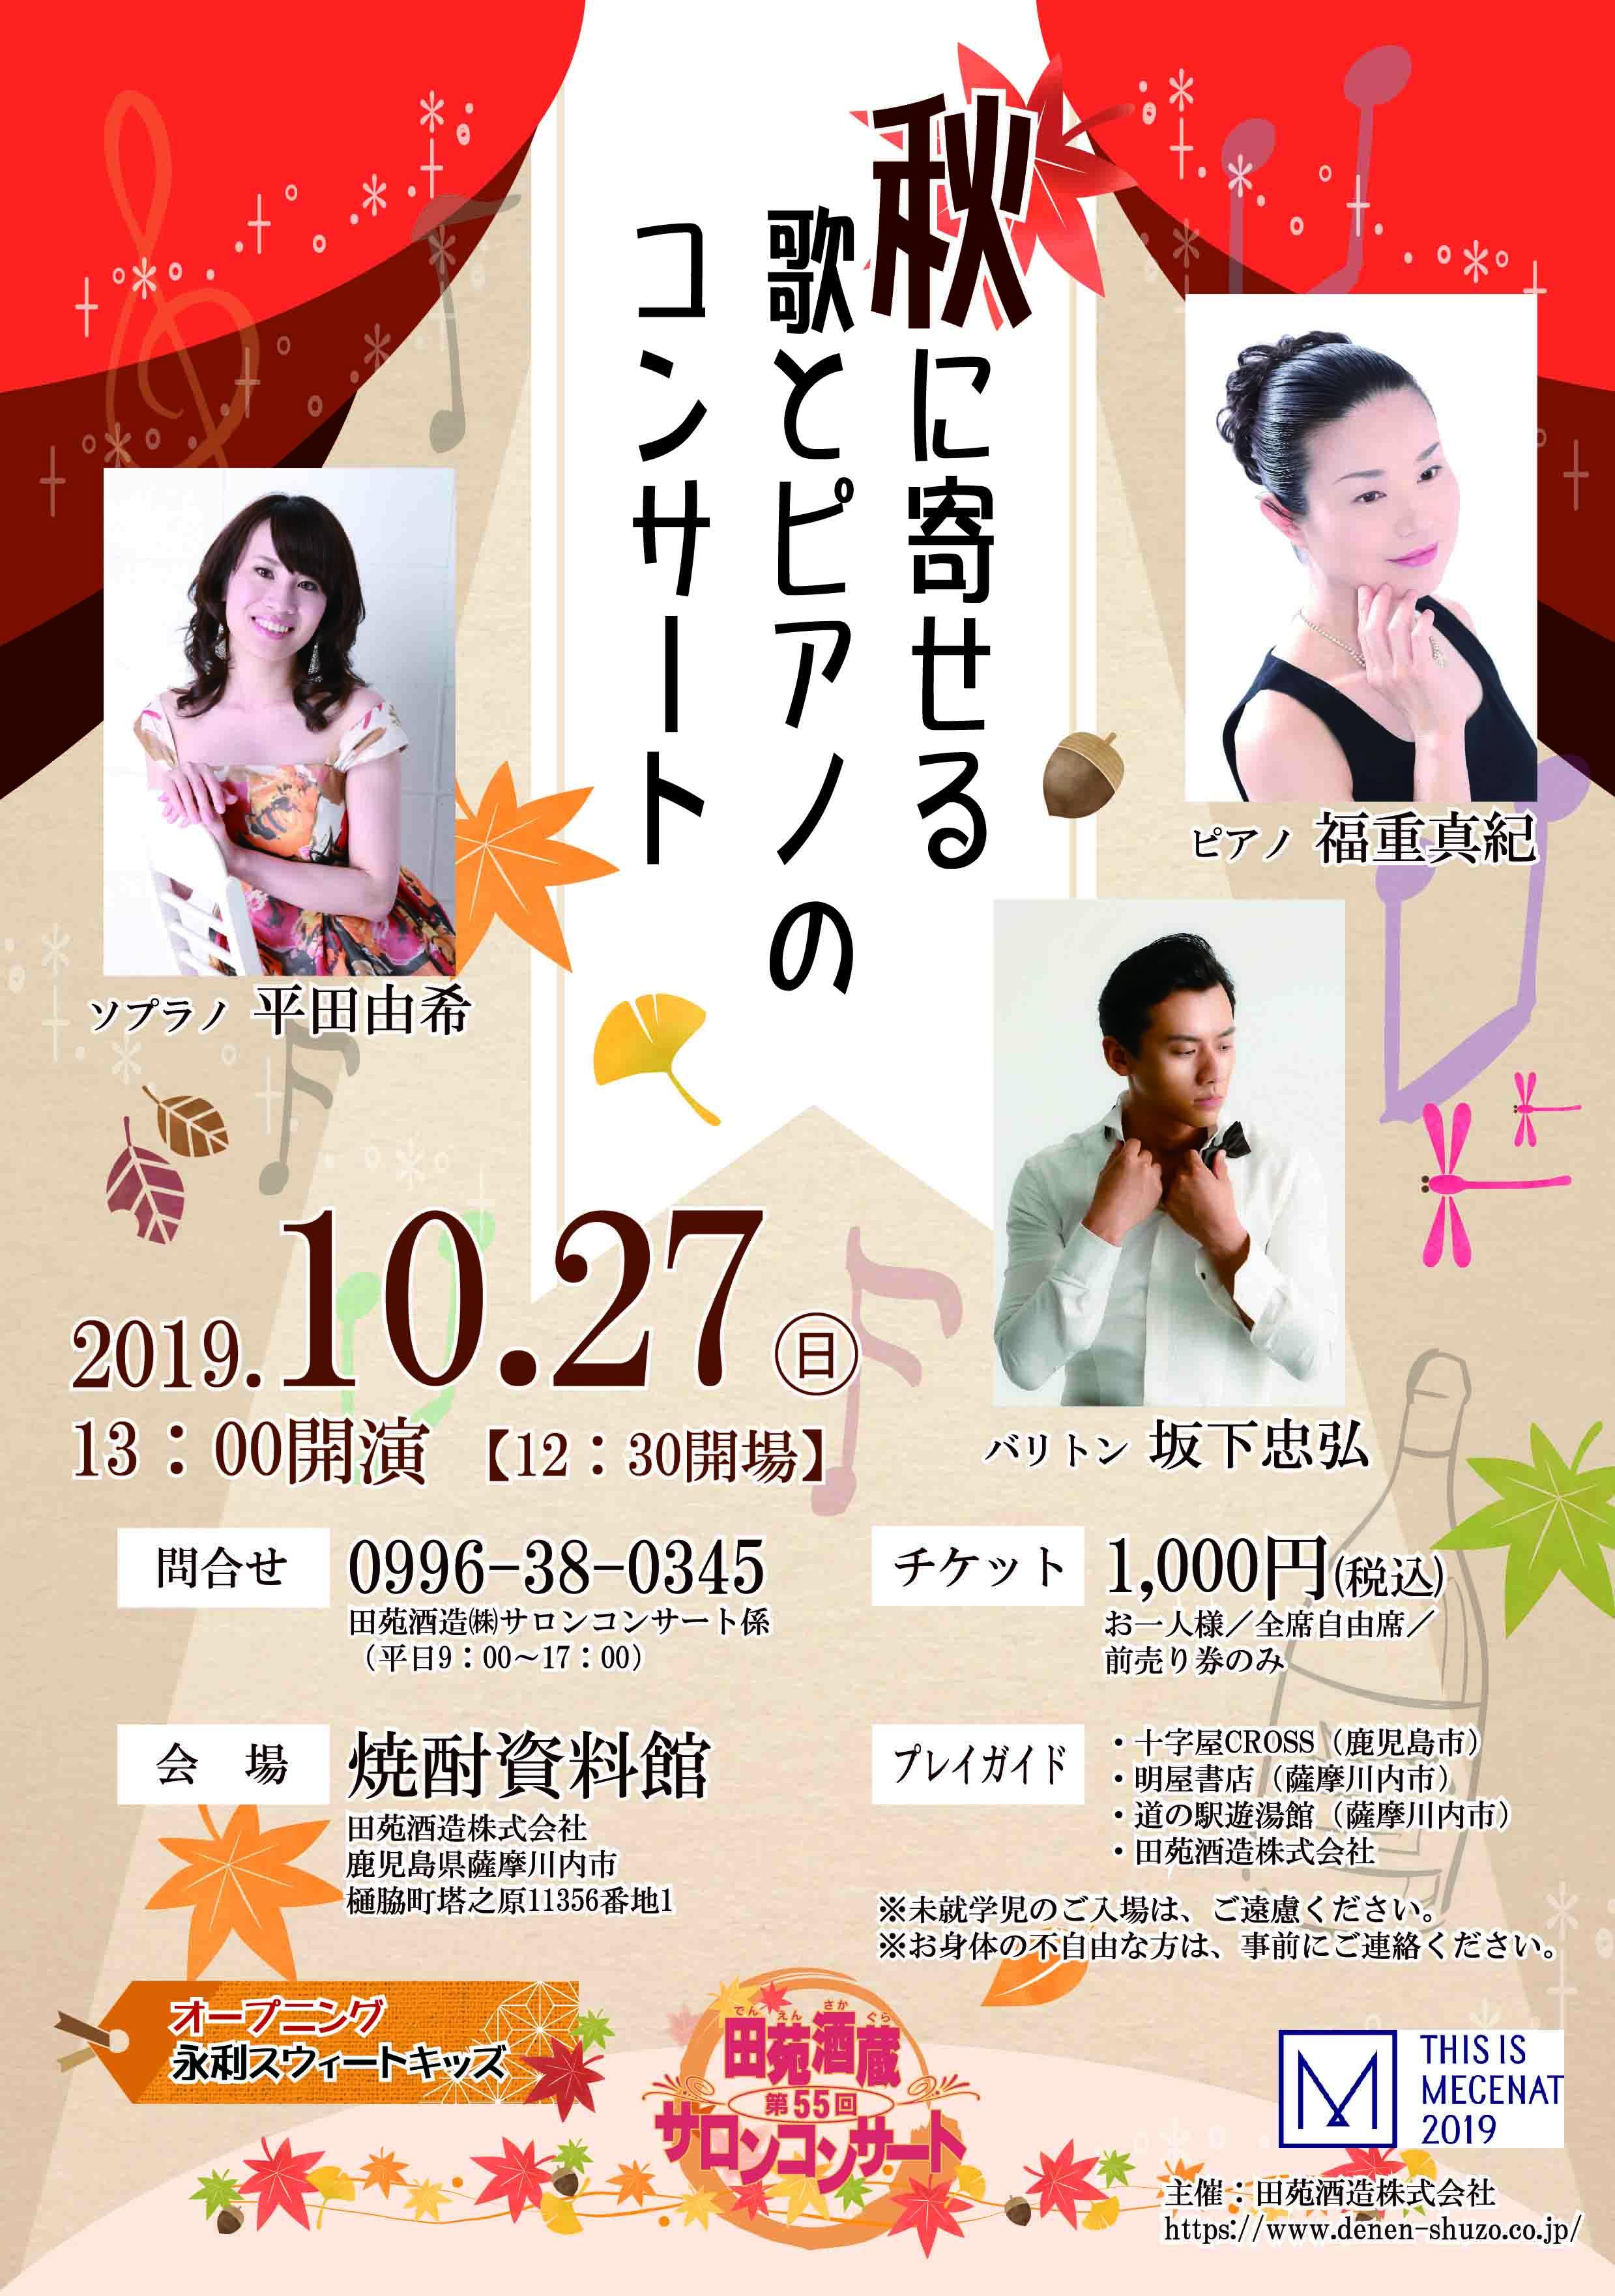 田苑酒蔵 第55回 サロンコンサート 秋に寄せる歌とピアノのコンサート